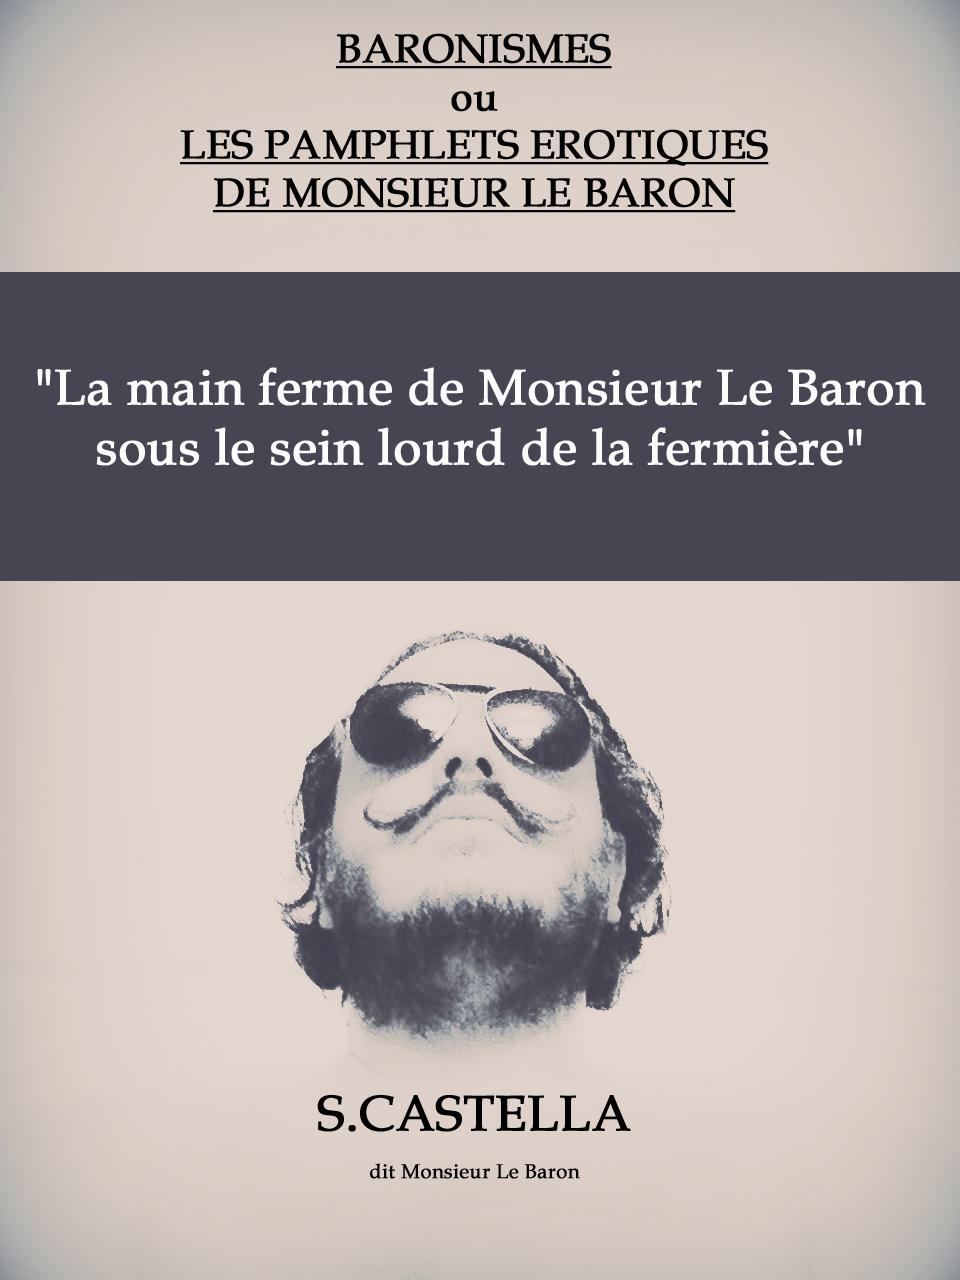 castella-baronisme24